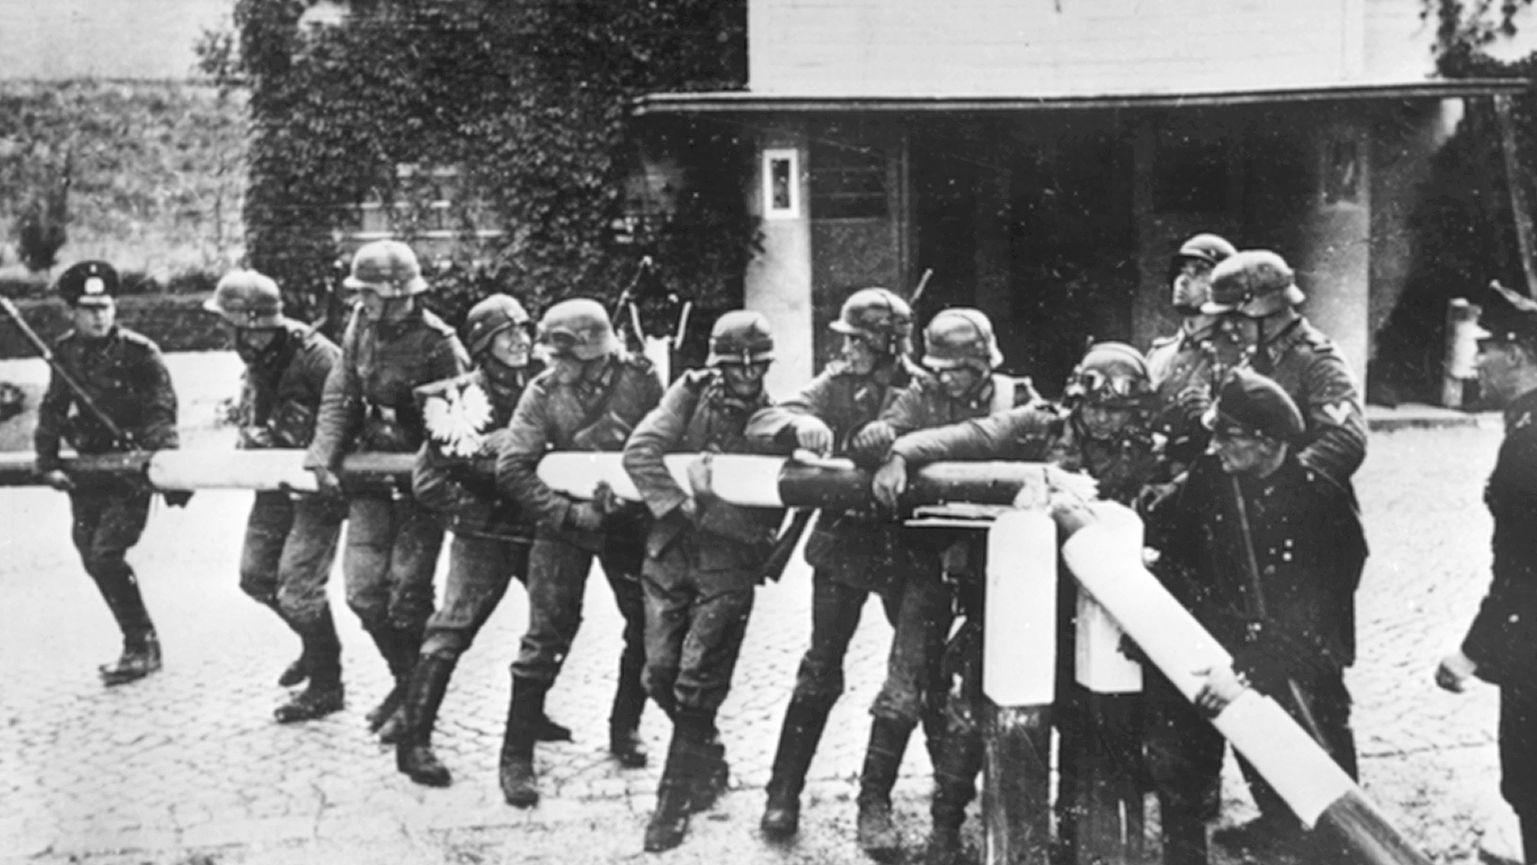 Einmarsch in Polen: Am 01.09.1939 reißen Soldaten der deutschen Wehrmacht einen rot-weißen Schlagbaum an der deutsch-polnischen Grenze nieder.